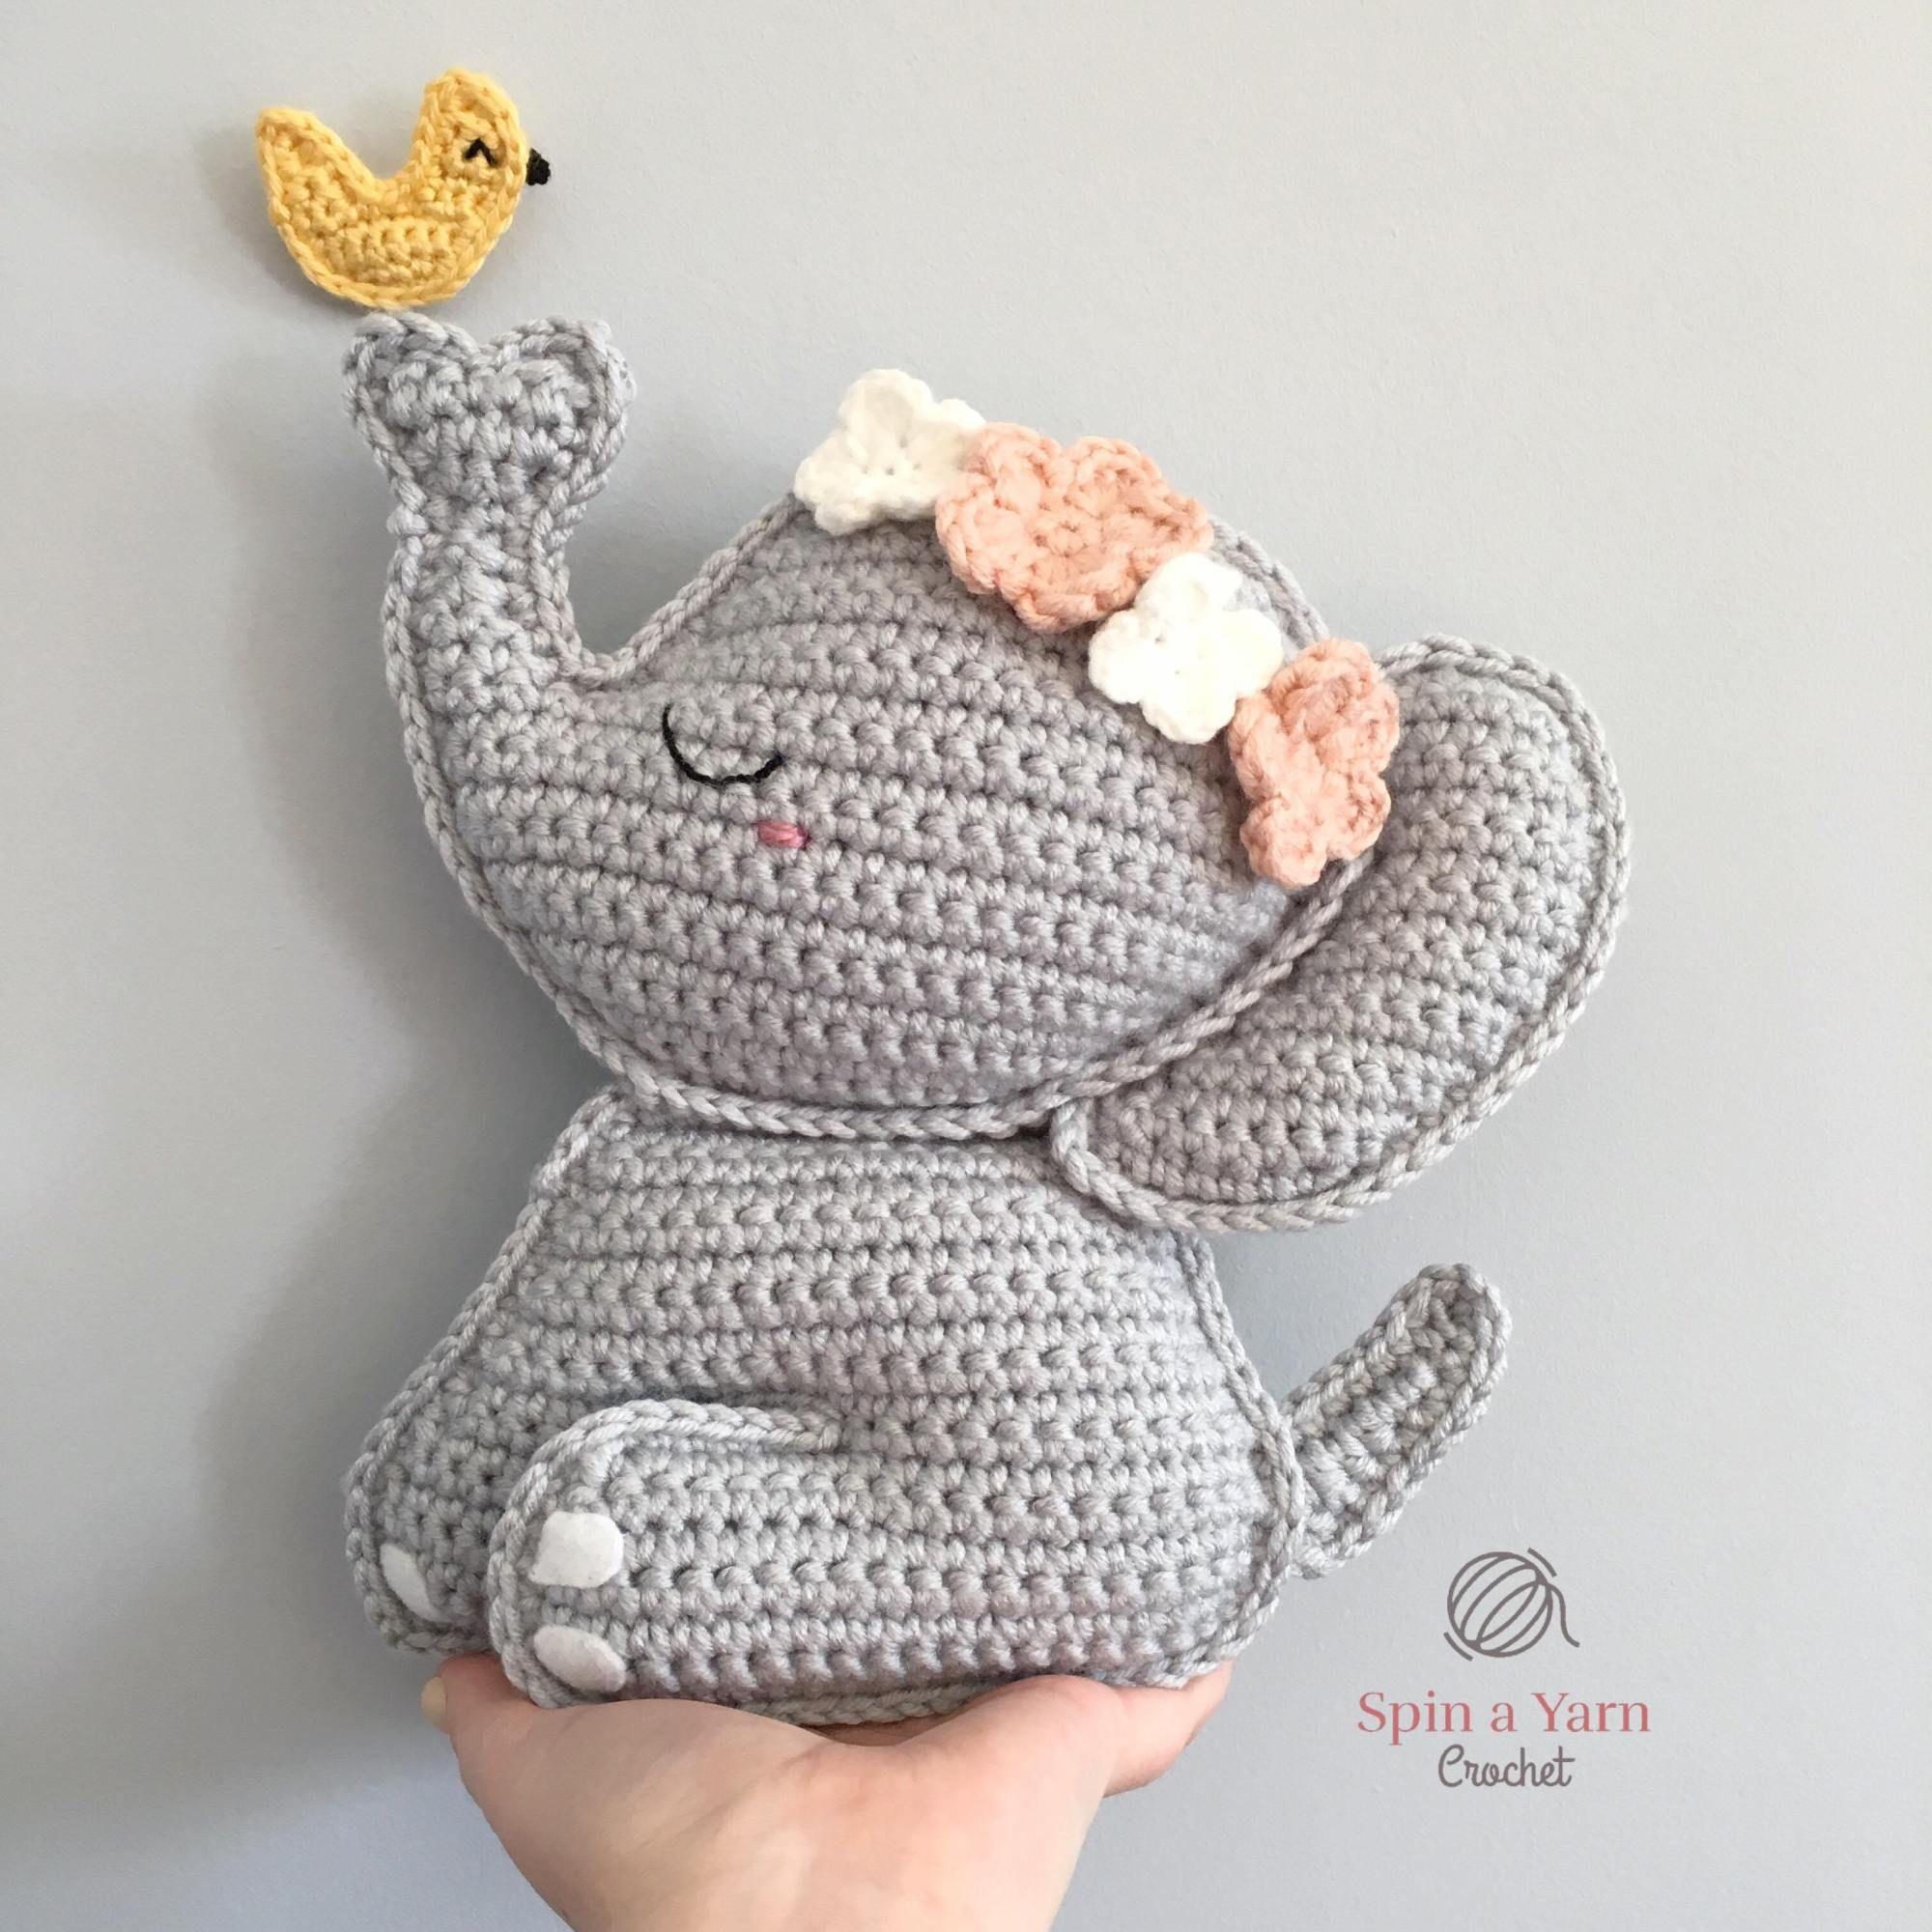 Elephant Amigurumi Free Crochet Pattern • Spin a Yarn Crochet